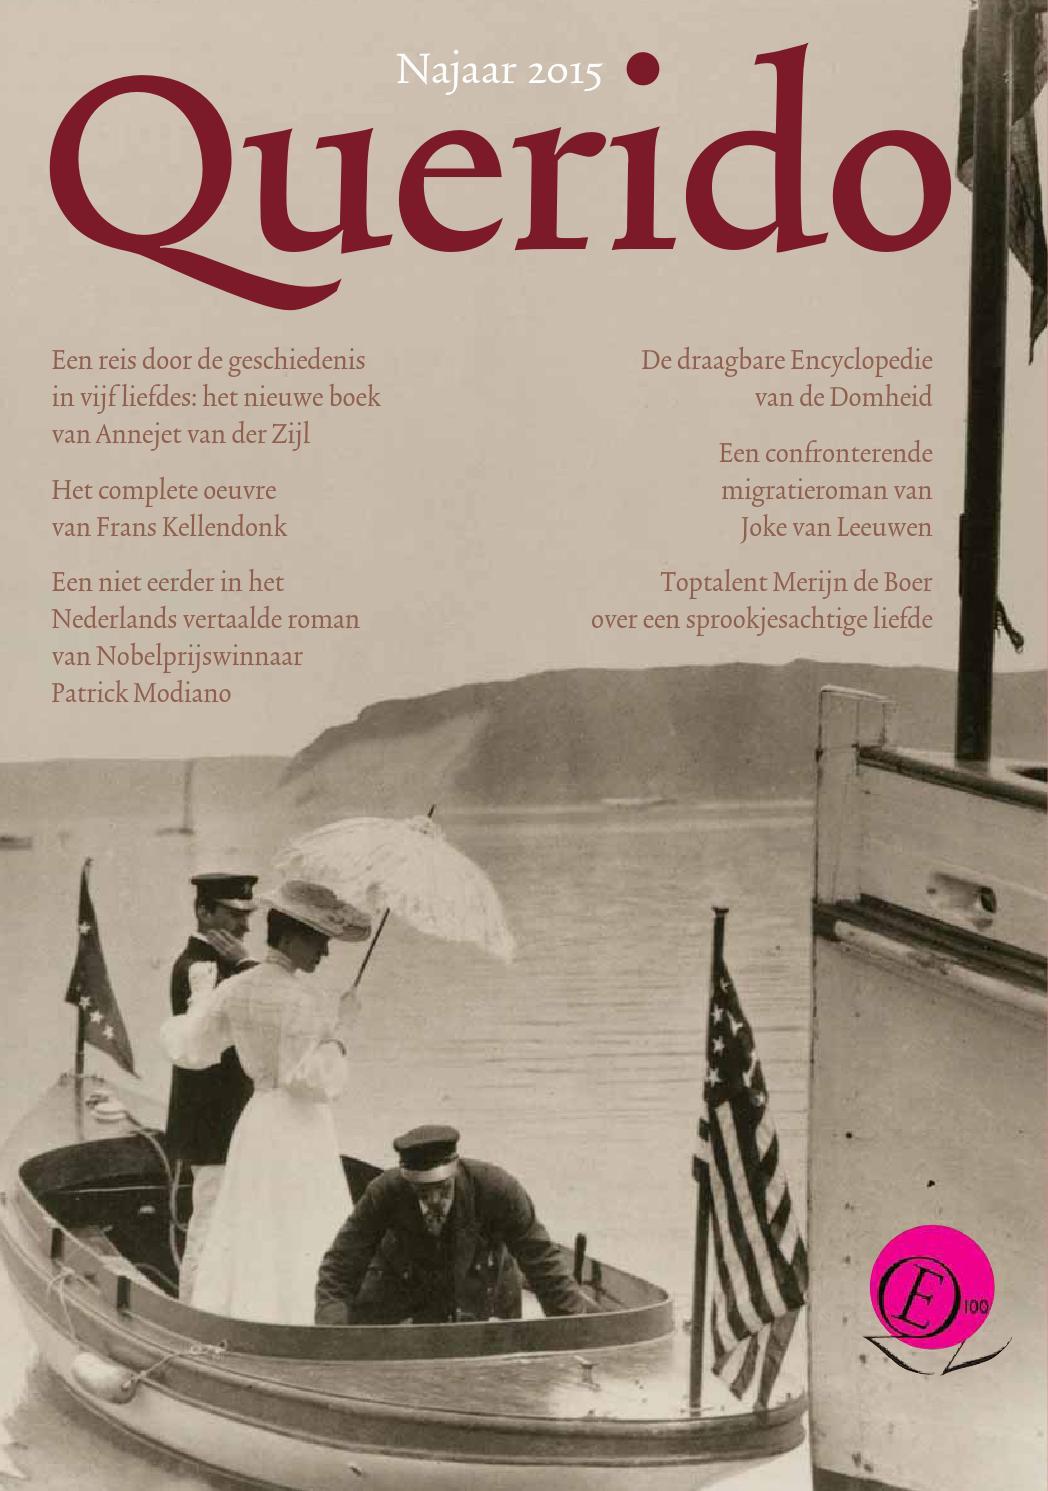 Prospectus querido najaar 2015 by singel uitgeverijen   issuu